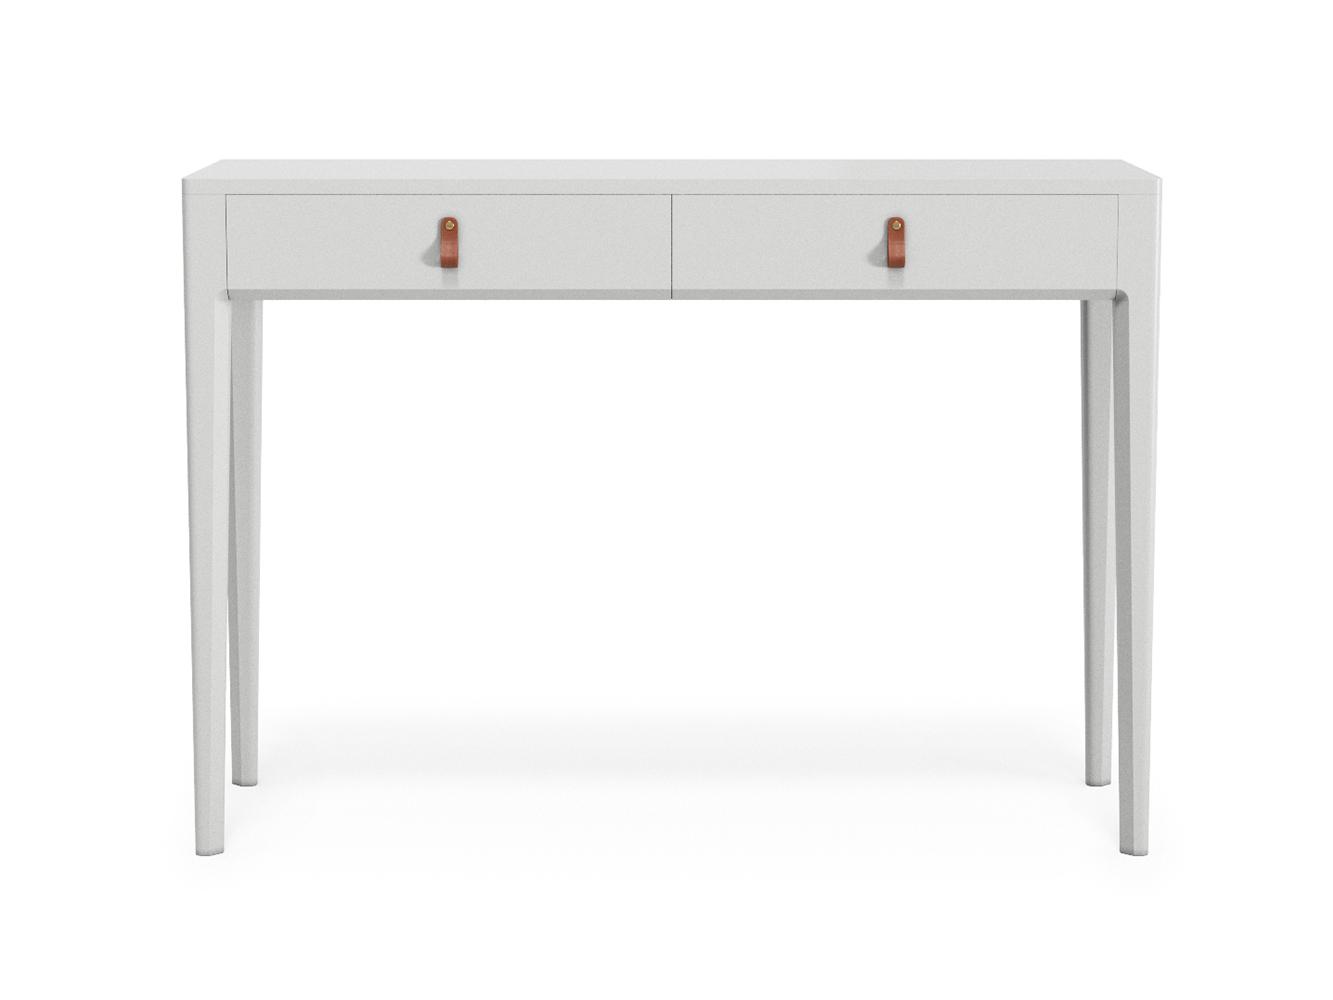 Консольный стол CASEКонсоли с ящиками<br>Универсальный консольный или косметический столик. Небольшая глубина позволяет использовать стол в узком коридоре или комнате.&amp;lt;div&amp;gt;&amp;lt;br&amp;gt;&amp;lt;/div&amp;gt;&amp;lt;div&amp;gt;Материал: Массив дуба, Натуральный шпон дуба, МДФ, Эмаль, ДСП&amp;lt;br&amp;gt;&amp;lt;/div&amp;gt;<br><br>Material: Дерево<br>Length см: None<br>Width см: 120<br>Depth см: 40<br>Height см: 80<br>Diameter см: None